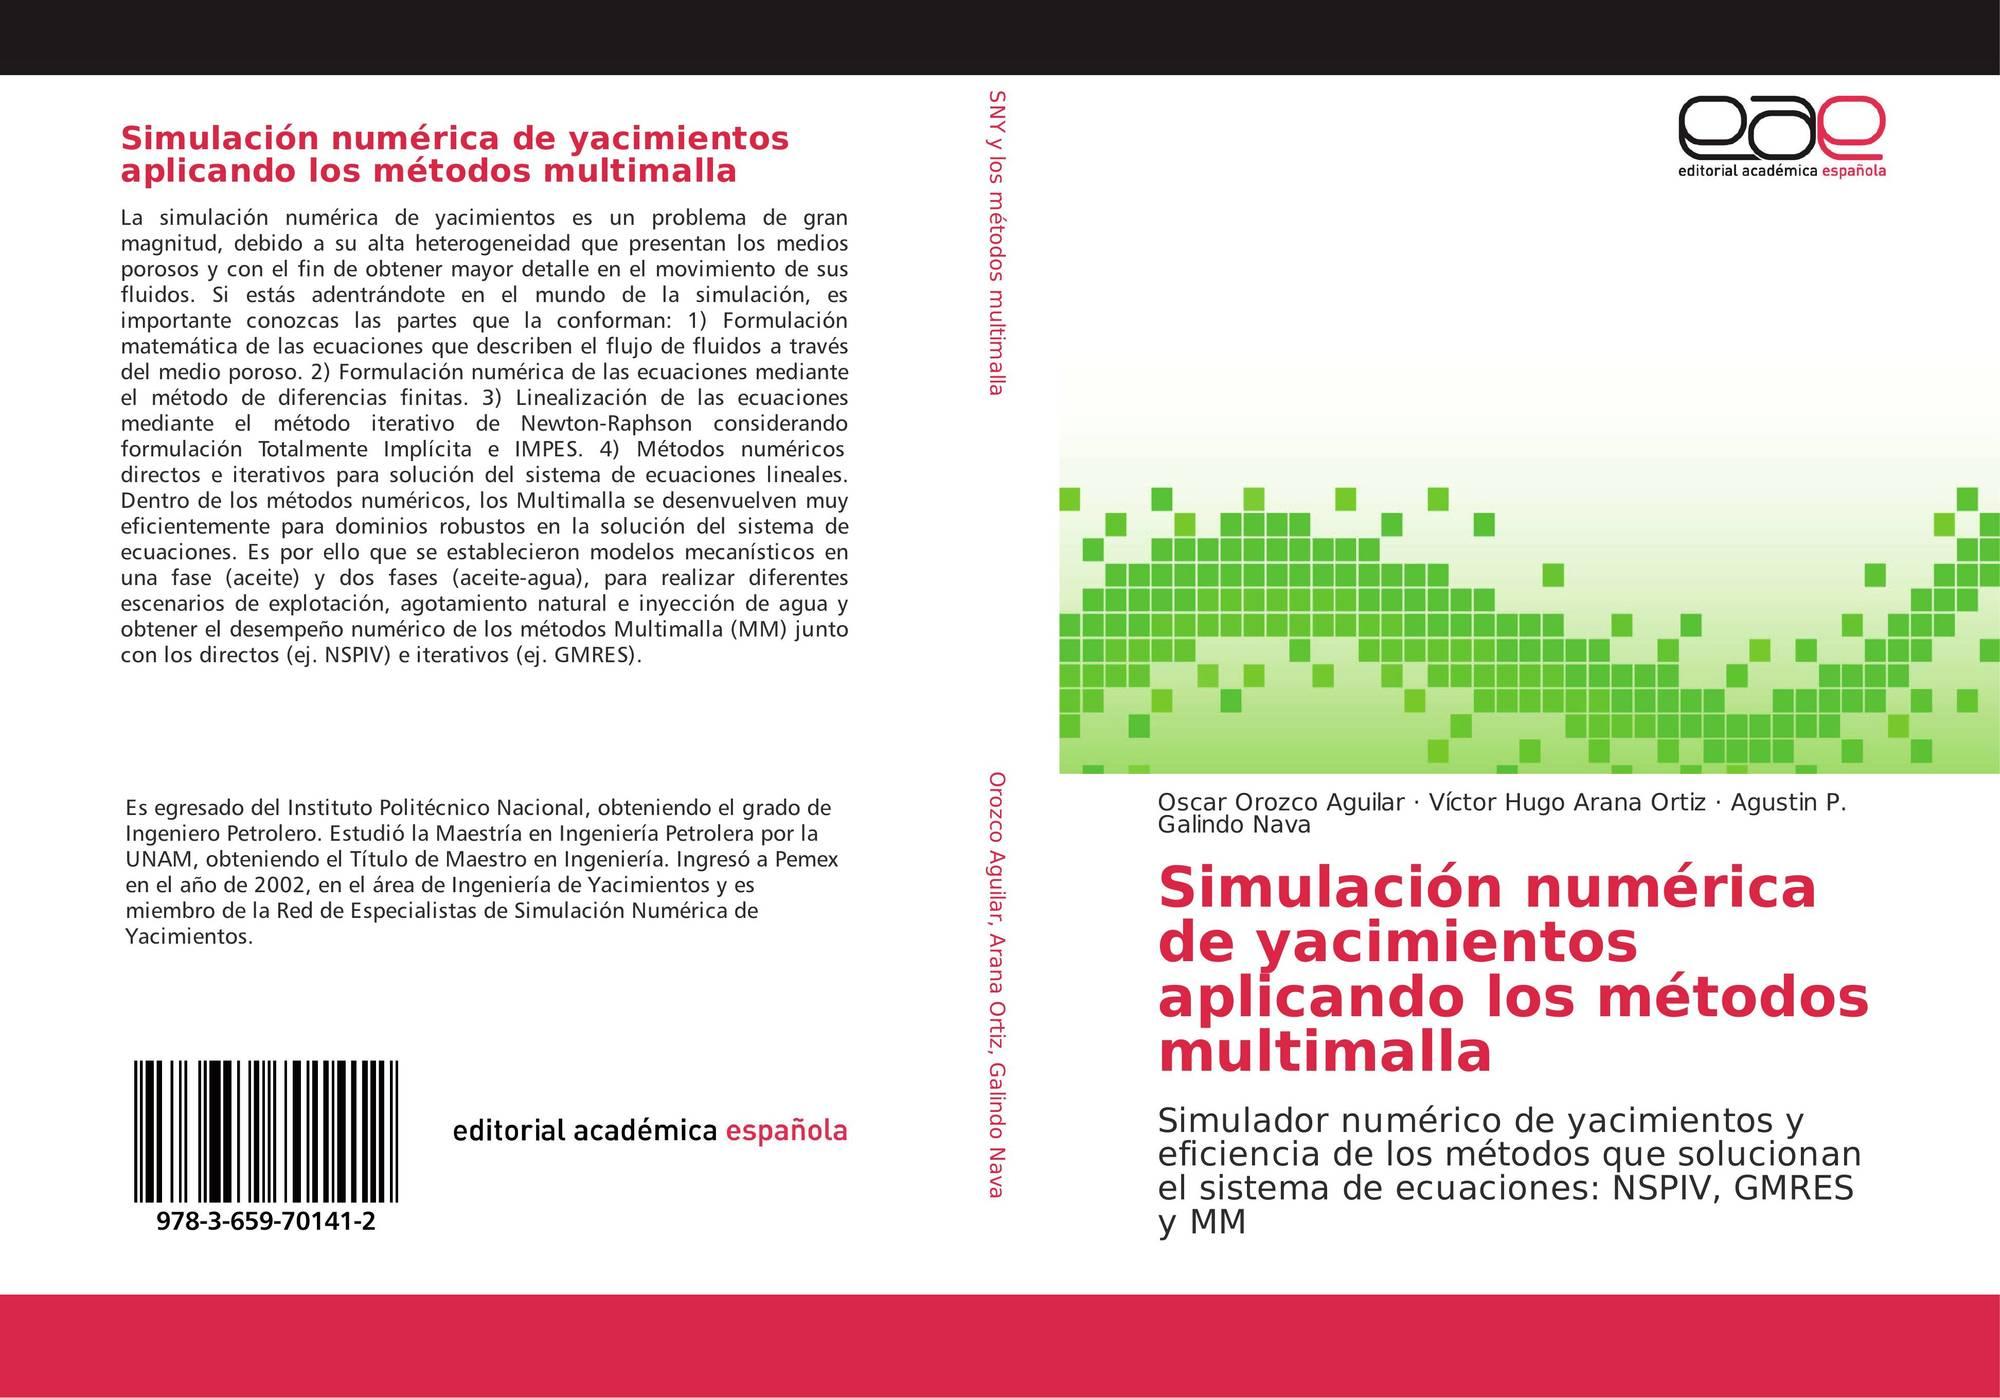 Simulación numérica de yacimientos aplicando los métodos multimalla ...